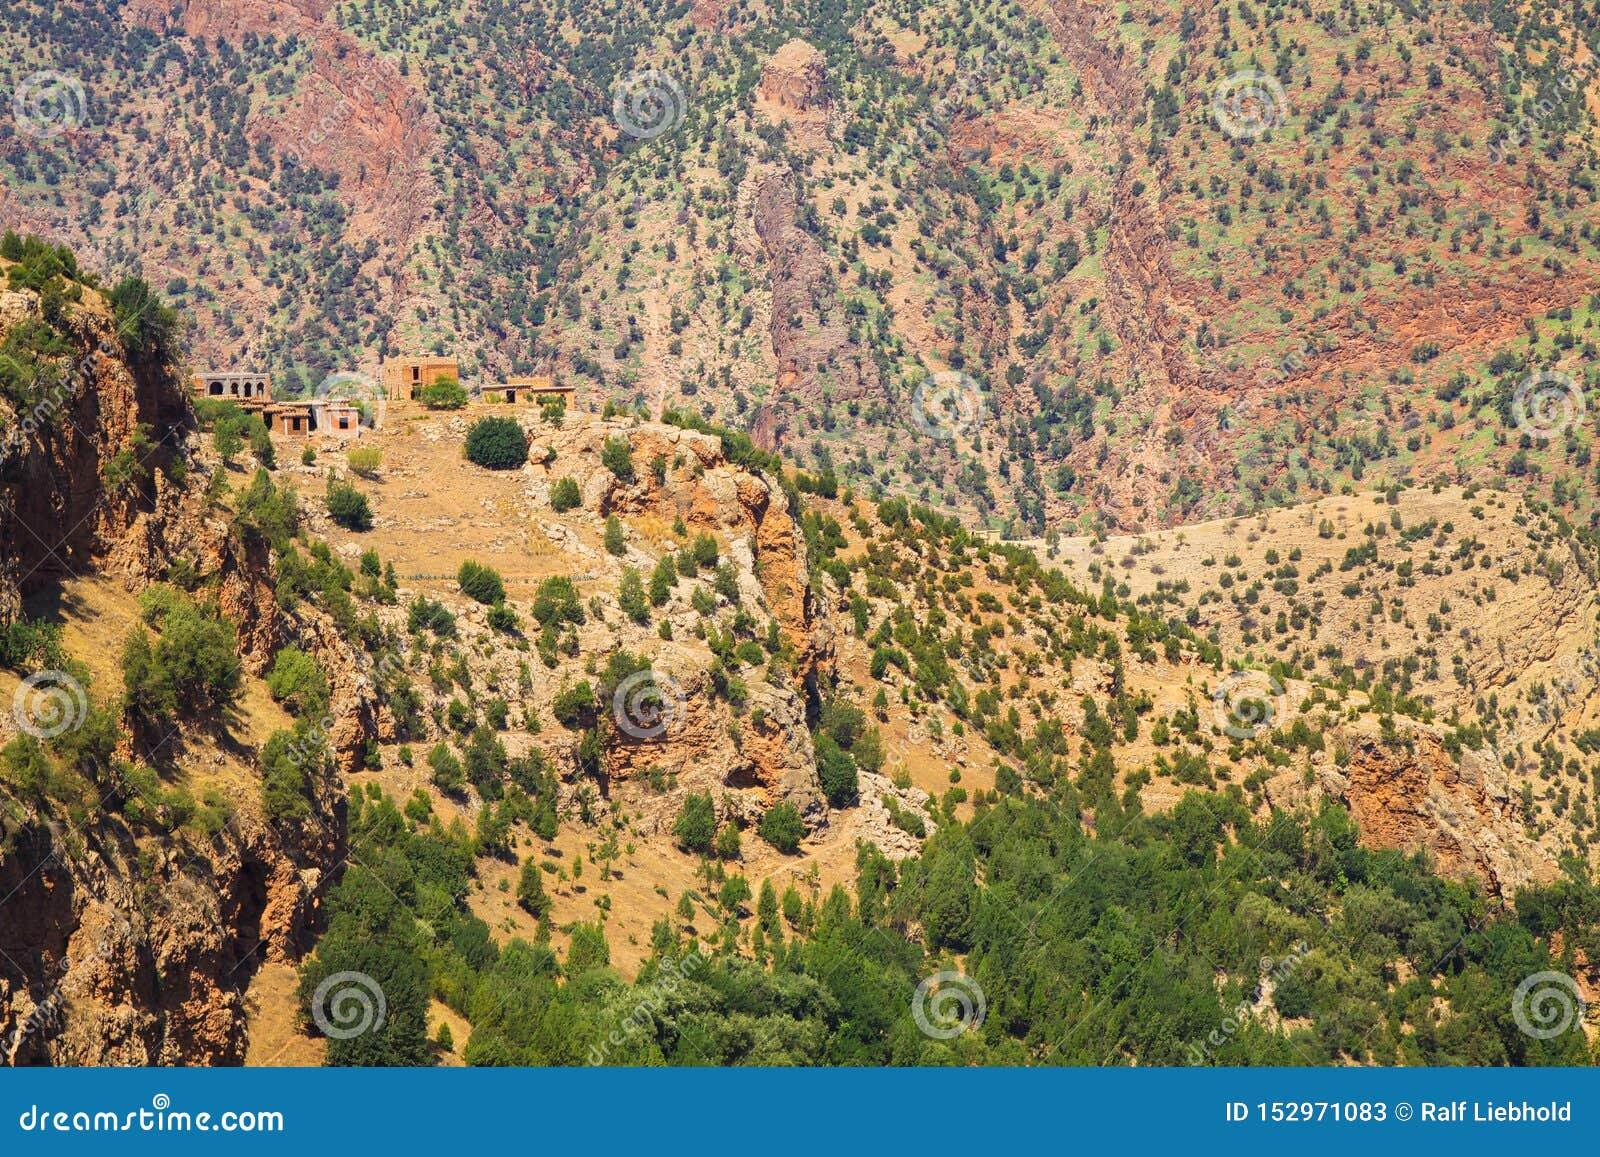 Mała berber wioska z glinianymi domami na wzgórze wierzchołku przeciw imponująco czerwonej halnej twarzy kropkującej z zielonymi